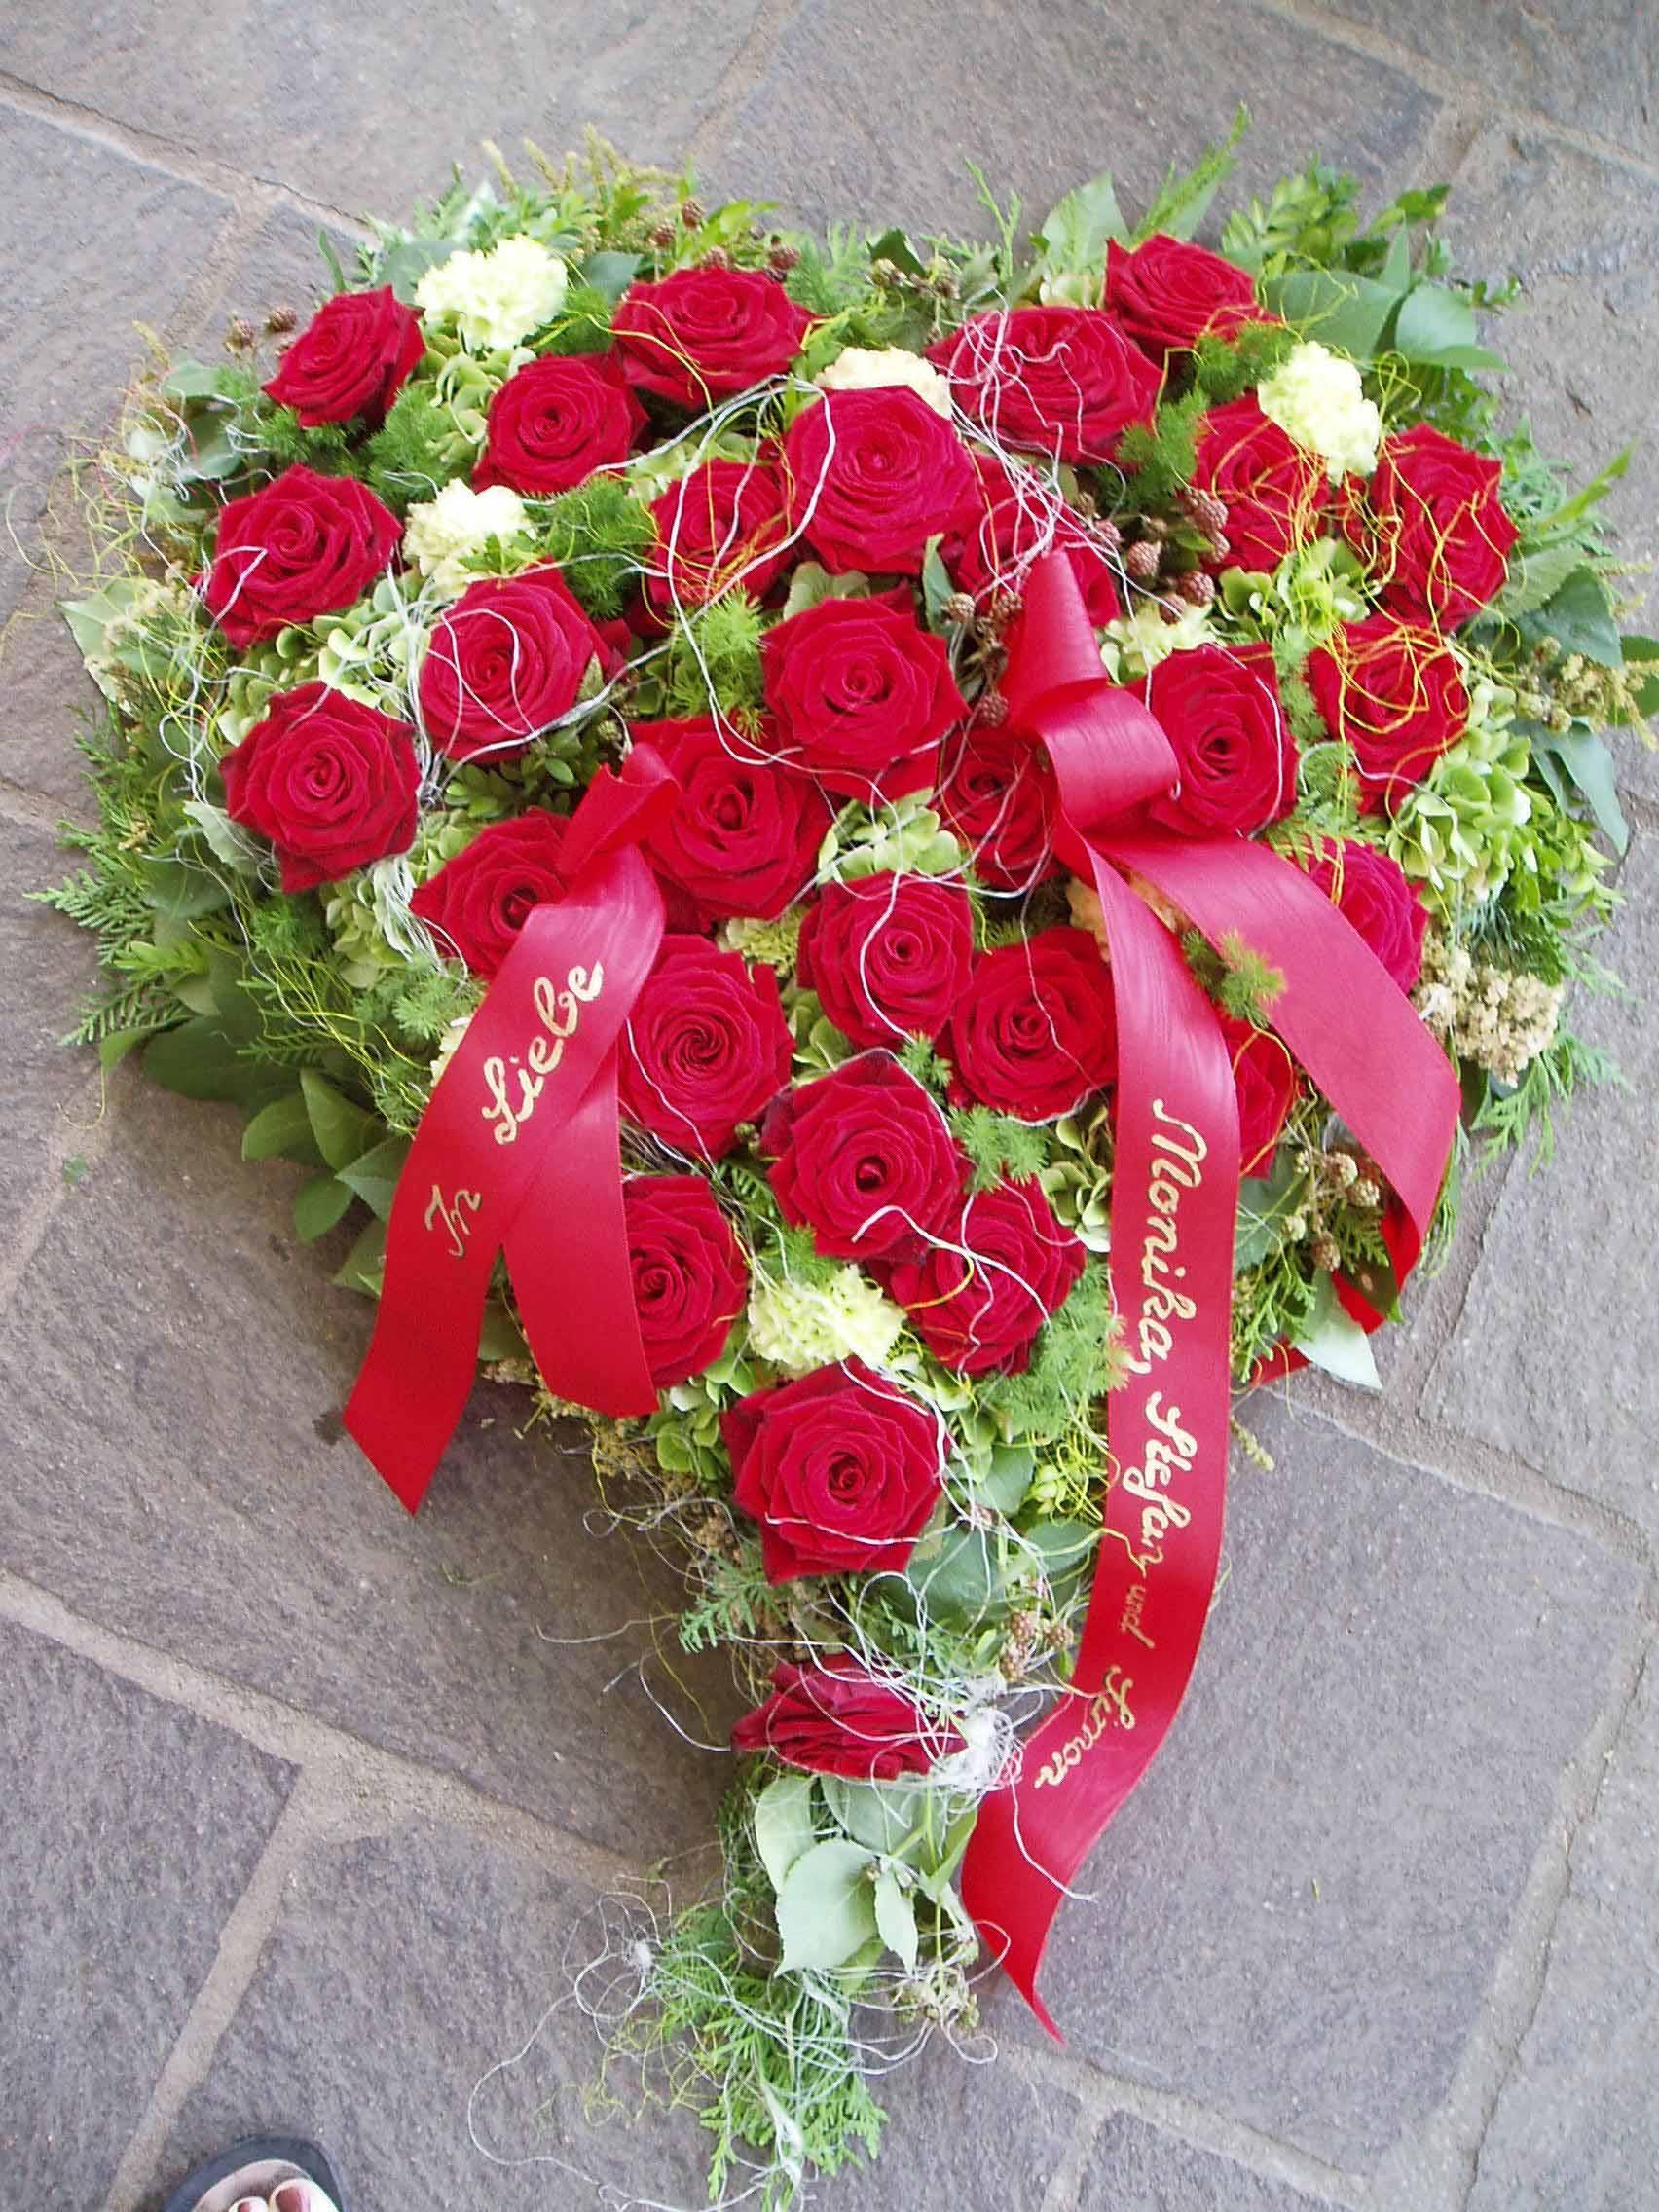 01 Klassisches Trauerherz mit roten Rosen